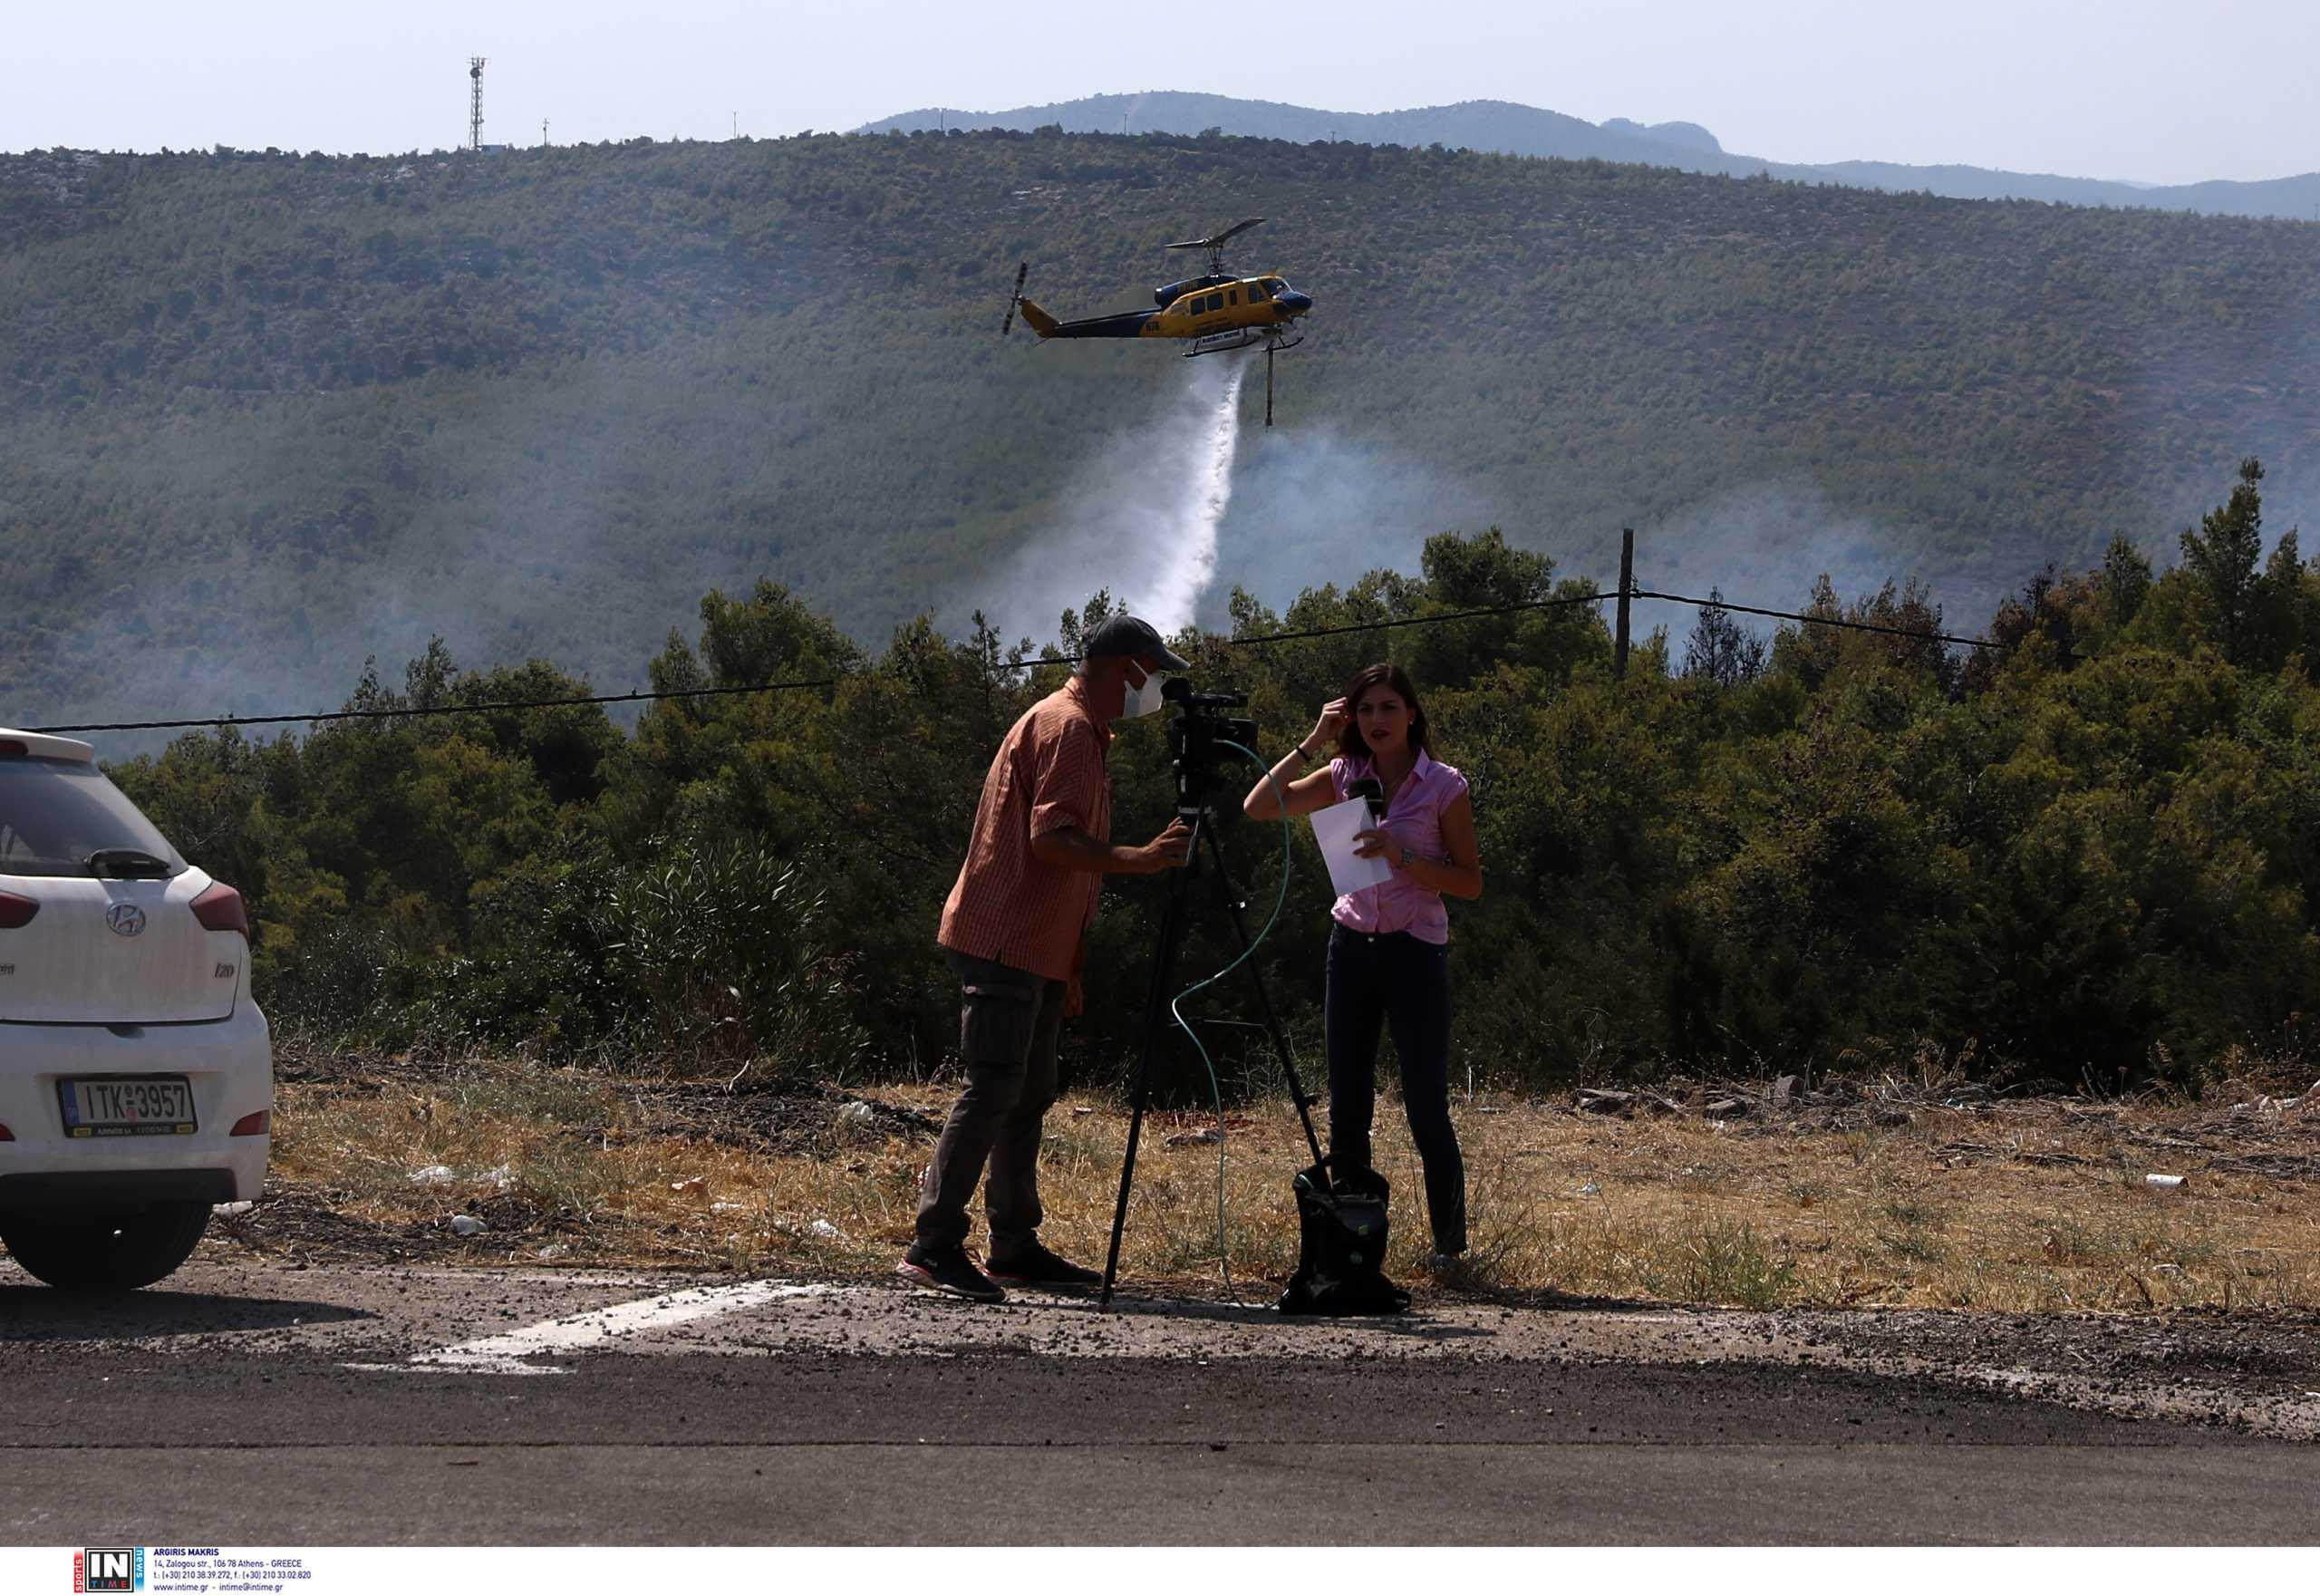 Φωτιά στα Βίλια: Μάχη για να μην φτάσει σε Οινόη και Πανόραμα